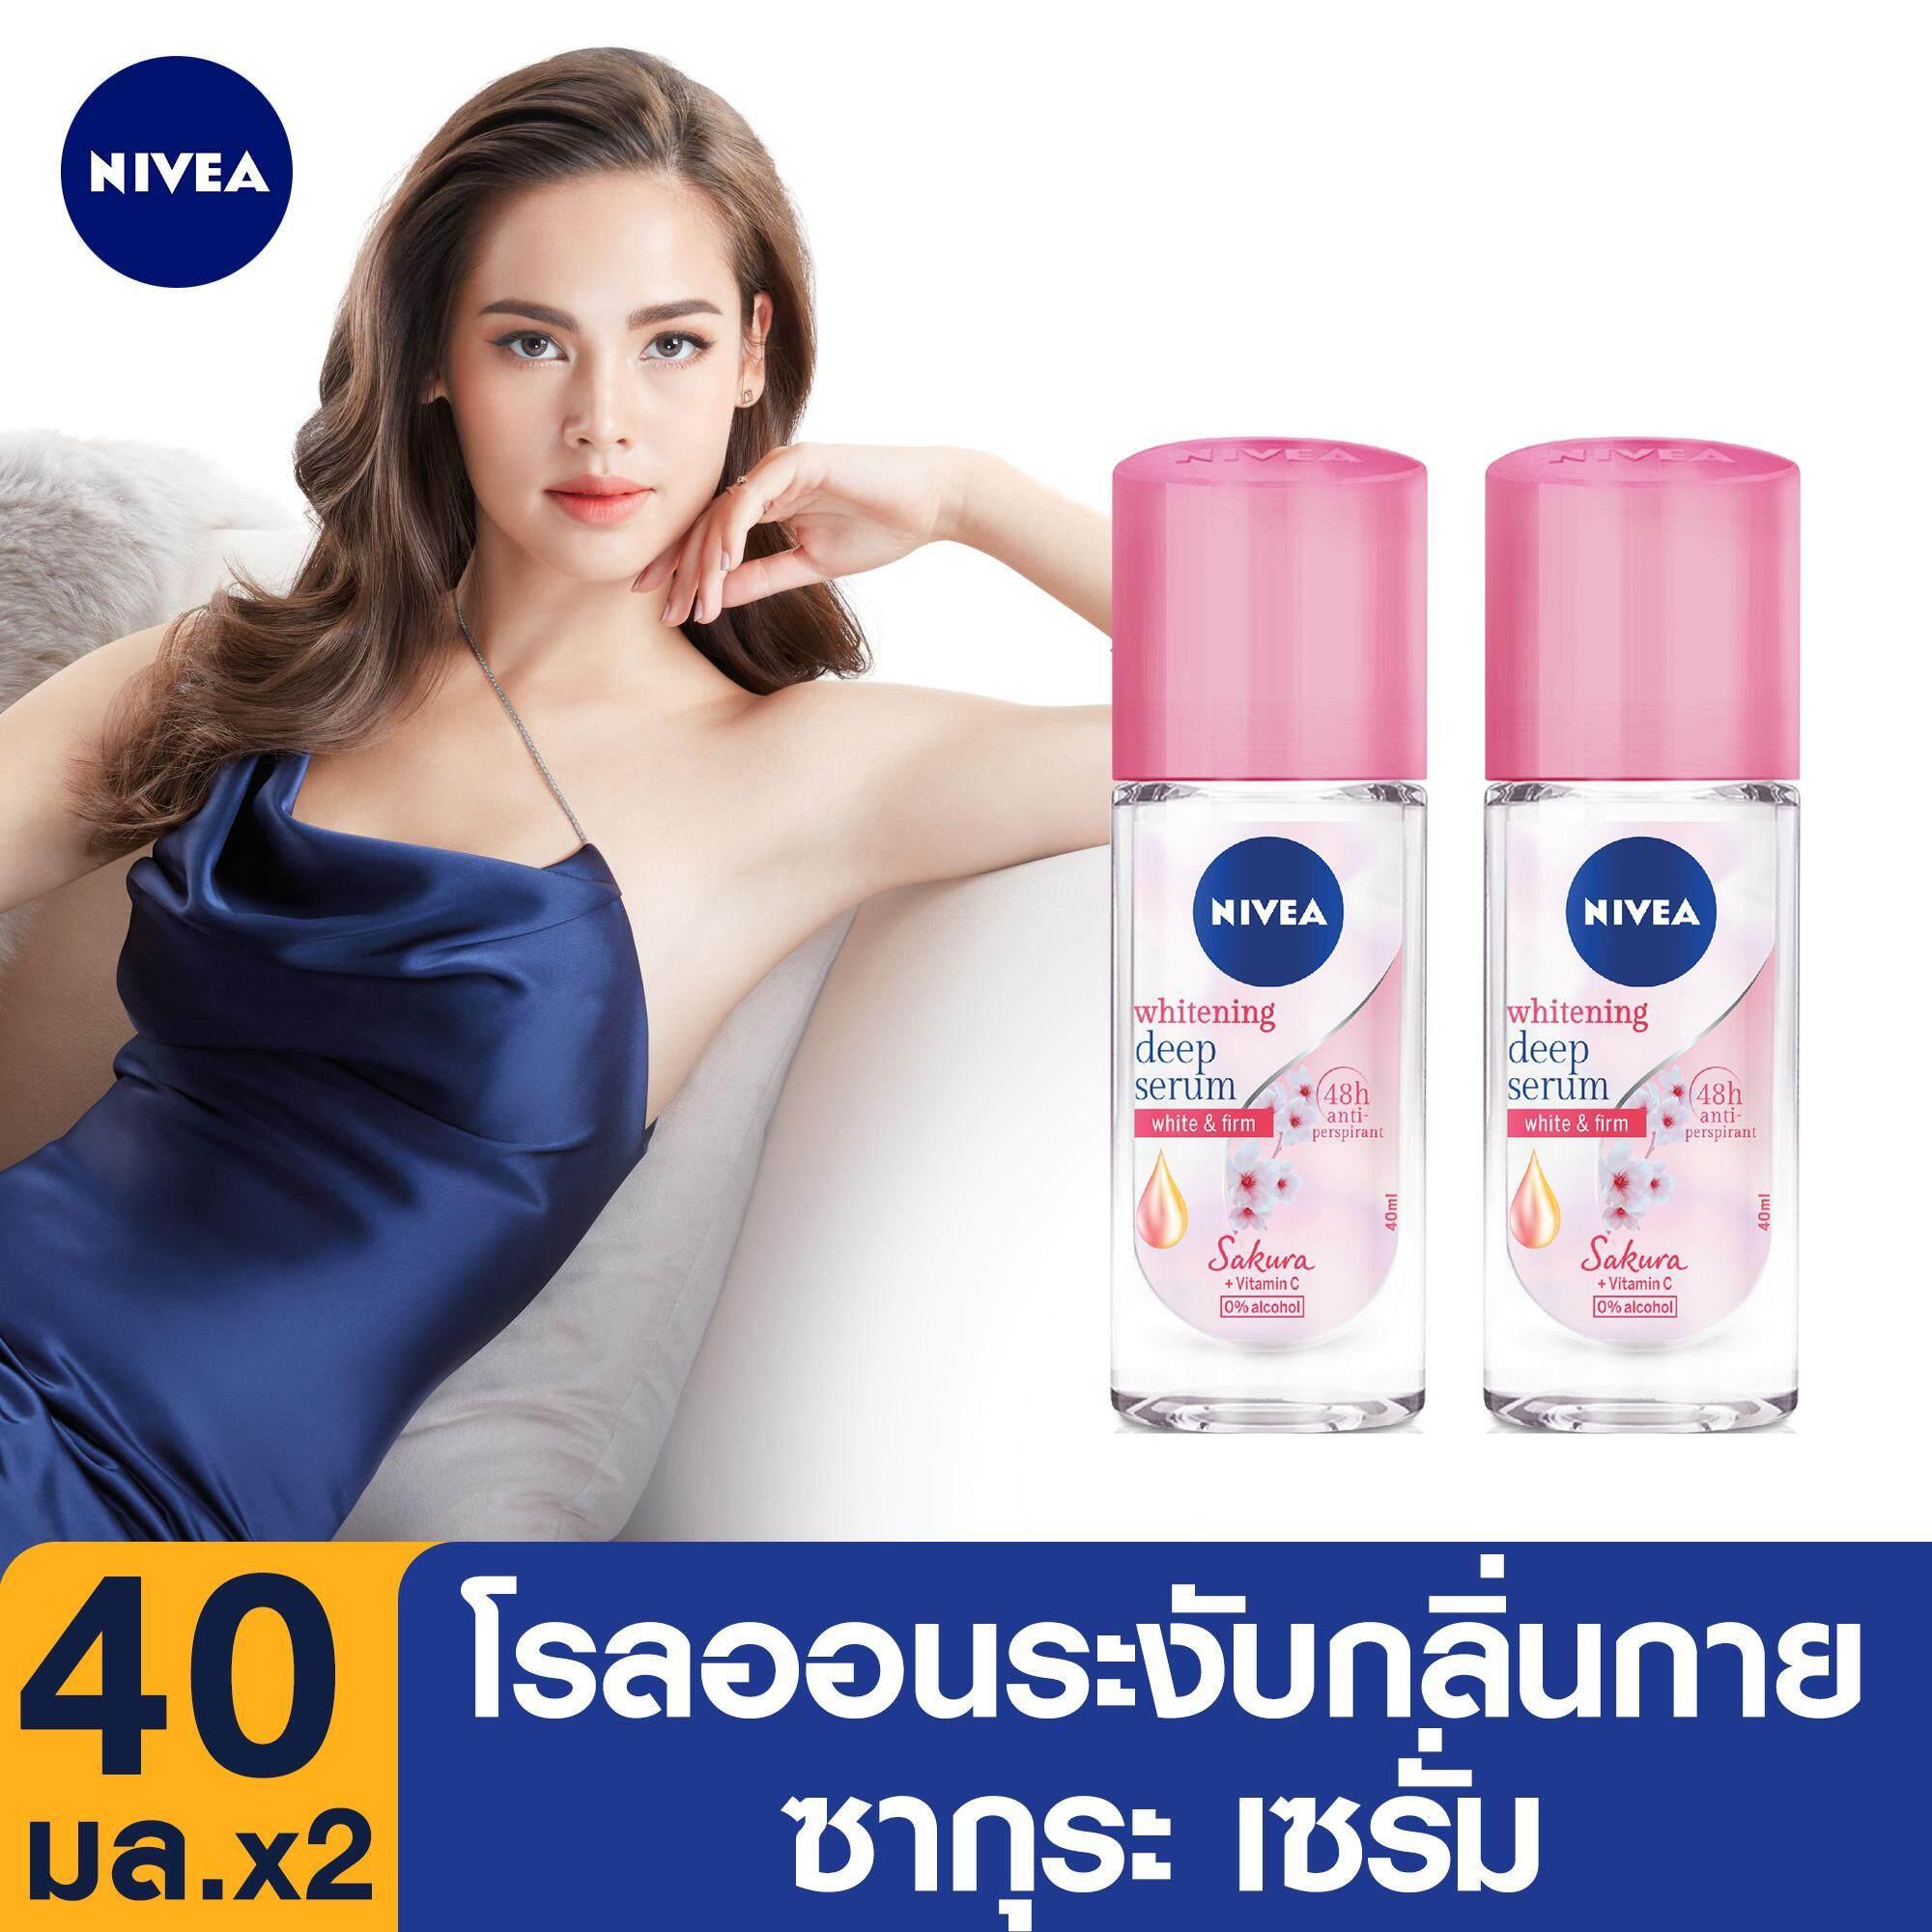 นีเวีย ดีโอ โรลออน ซากุระ สำหรับผู้หญิง 40 มล. 2 ชิ้น NIVEA Deo Sakura Roll On 40 ml. 2 pcs. (โรลออน, ระงับกลิ่นกาย, กำจัดกลิ่นตัว, ลดกลิ่นตัว, deodorant, รักแร้ขาว, ป้องกัน รักแร้เปียก, รักแร้หนังไก่, ลดเหงื่อ, กระชับรูขุมขน, แก้รักแร้ดำ, เซรั่มรักแร้)